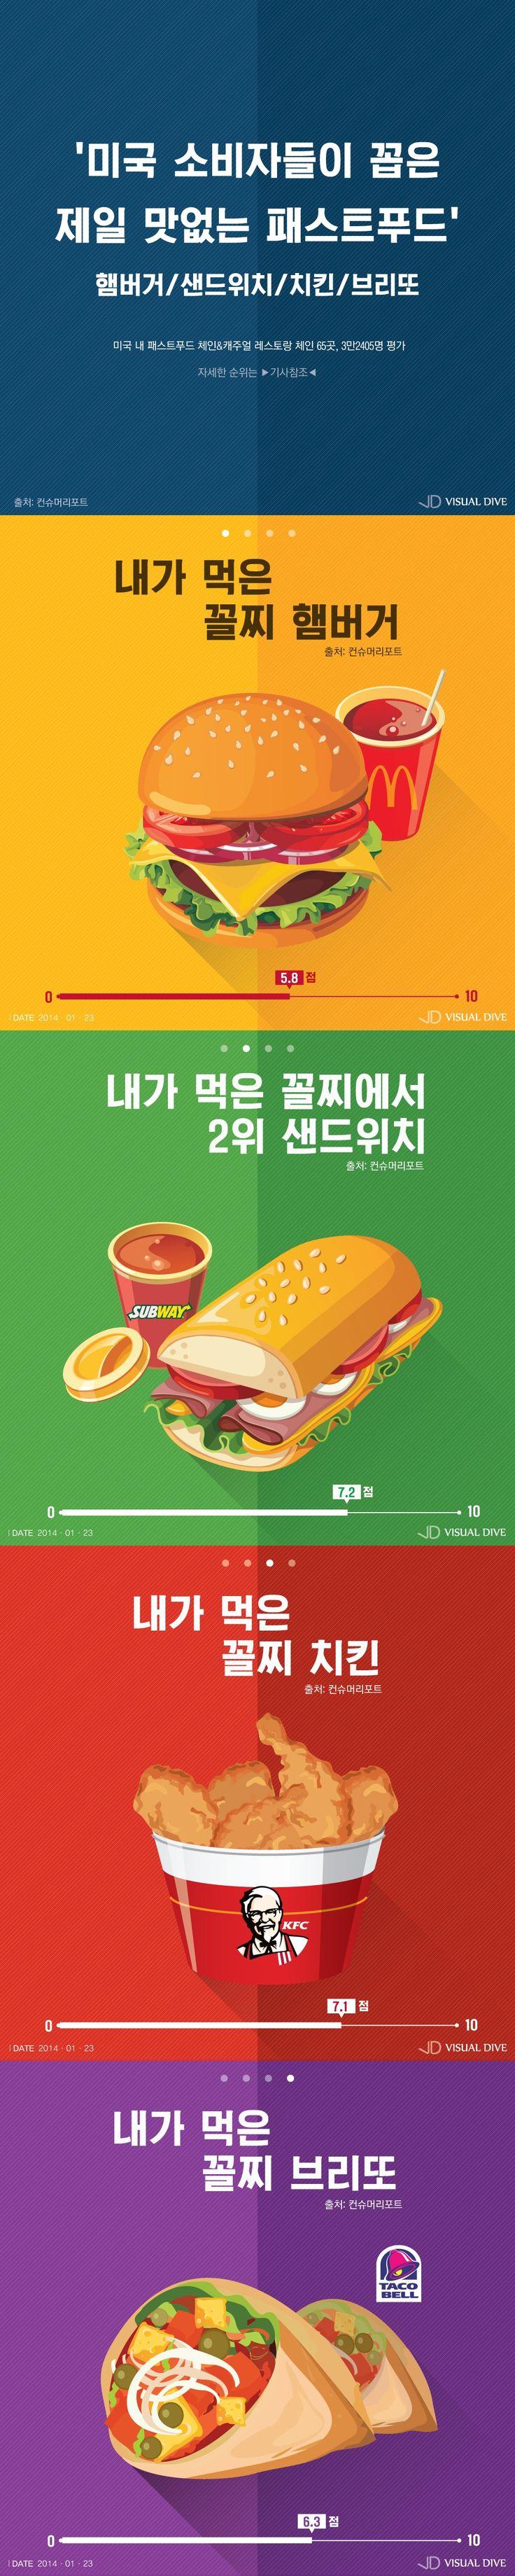 맥도날드, 서브웨이, KFC…이 순위가 진짜? [인포그래픽] #WorstFastFood / #Infographic ⓒ 비주얼다이브 무단 복사·전재·재배포 금지